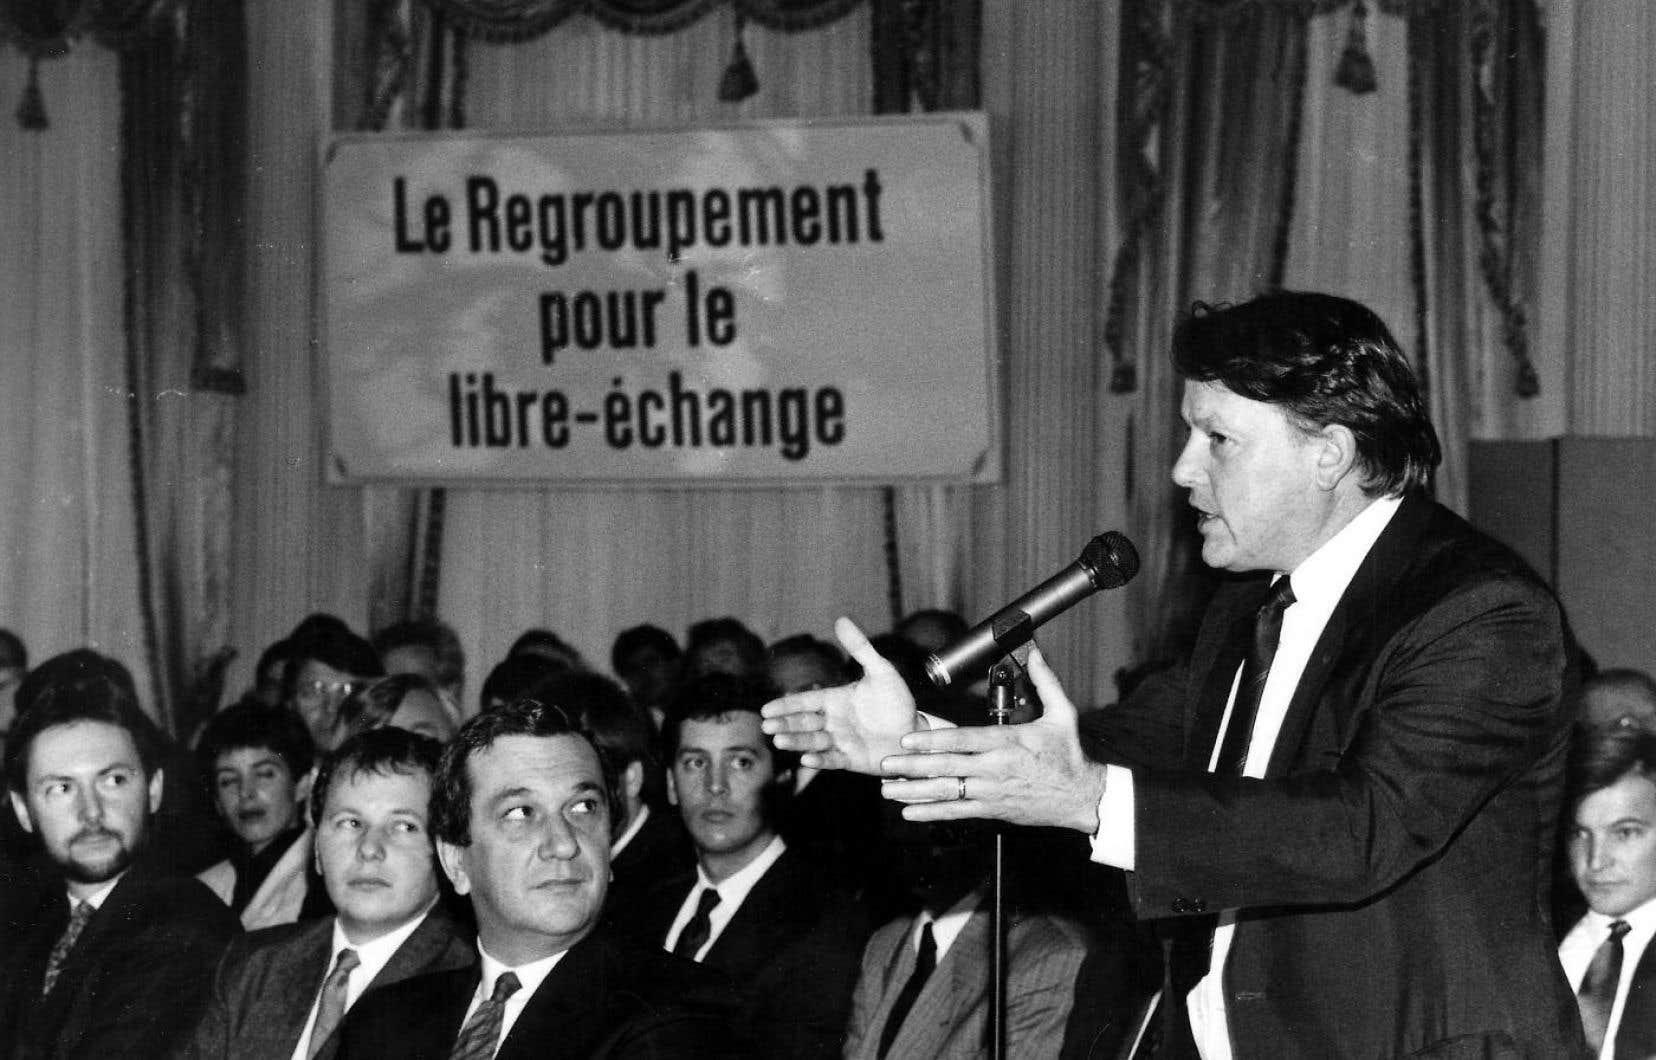 En 1988, alors que Landry est redevenu professeur, il milite pour le libre-échange entre le Canada et les États-Unis.